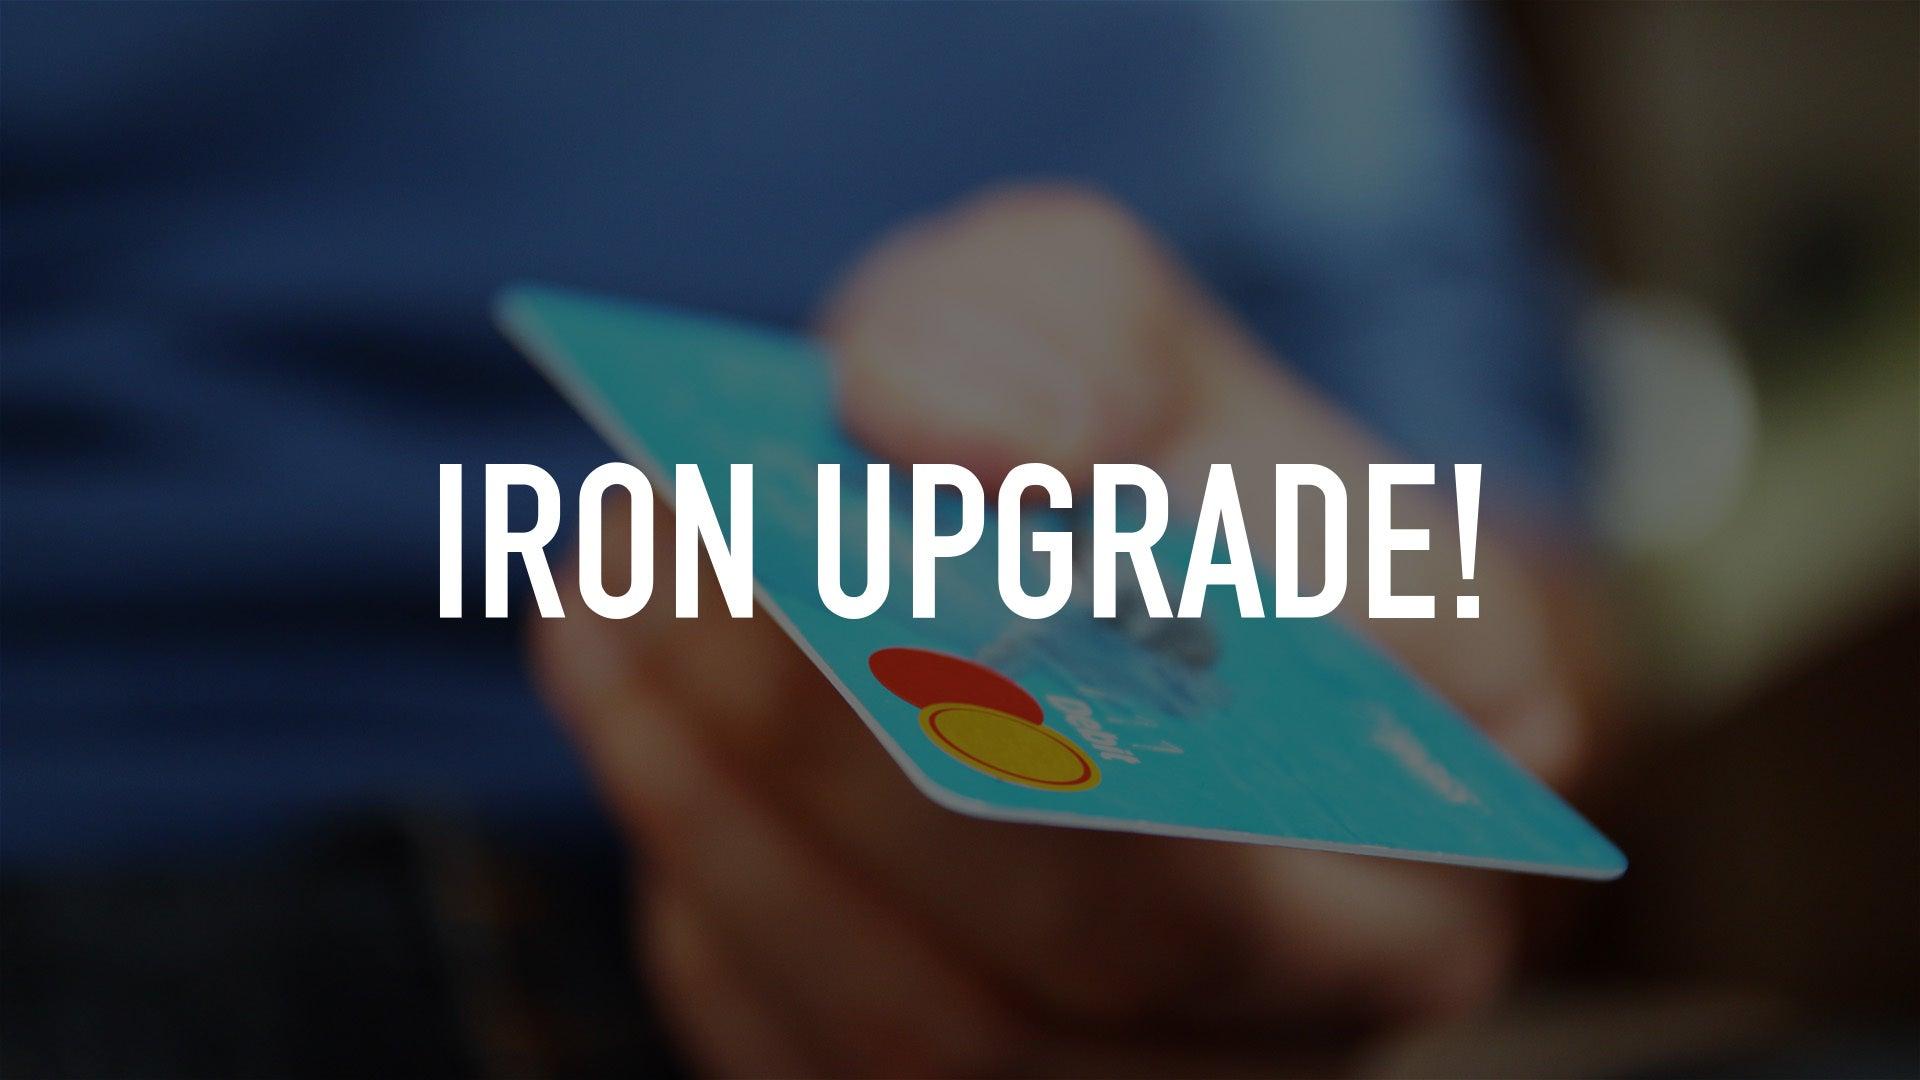 Iron Upgrade!